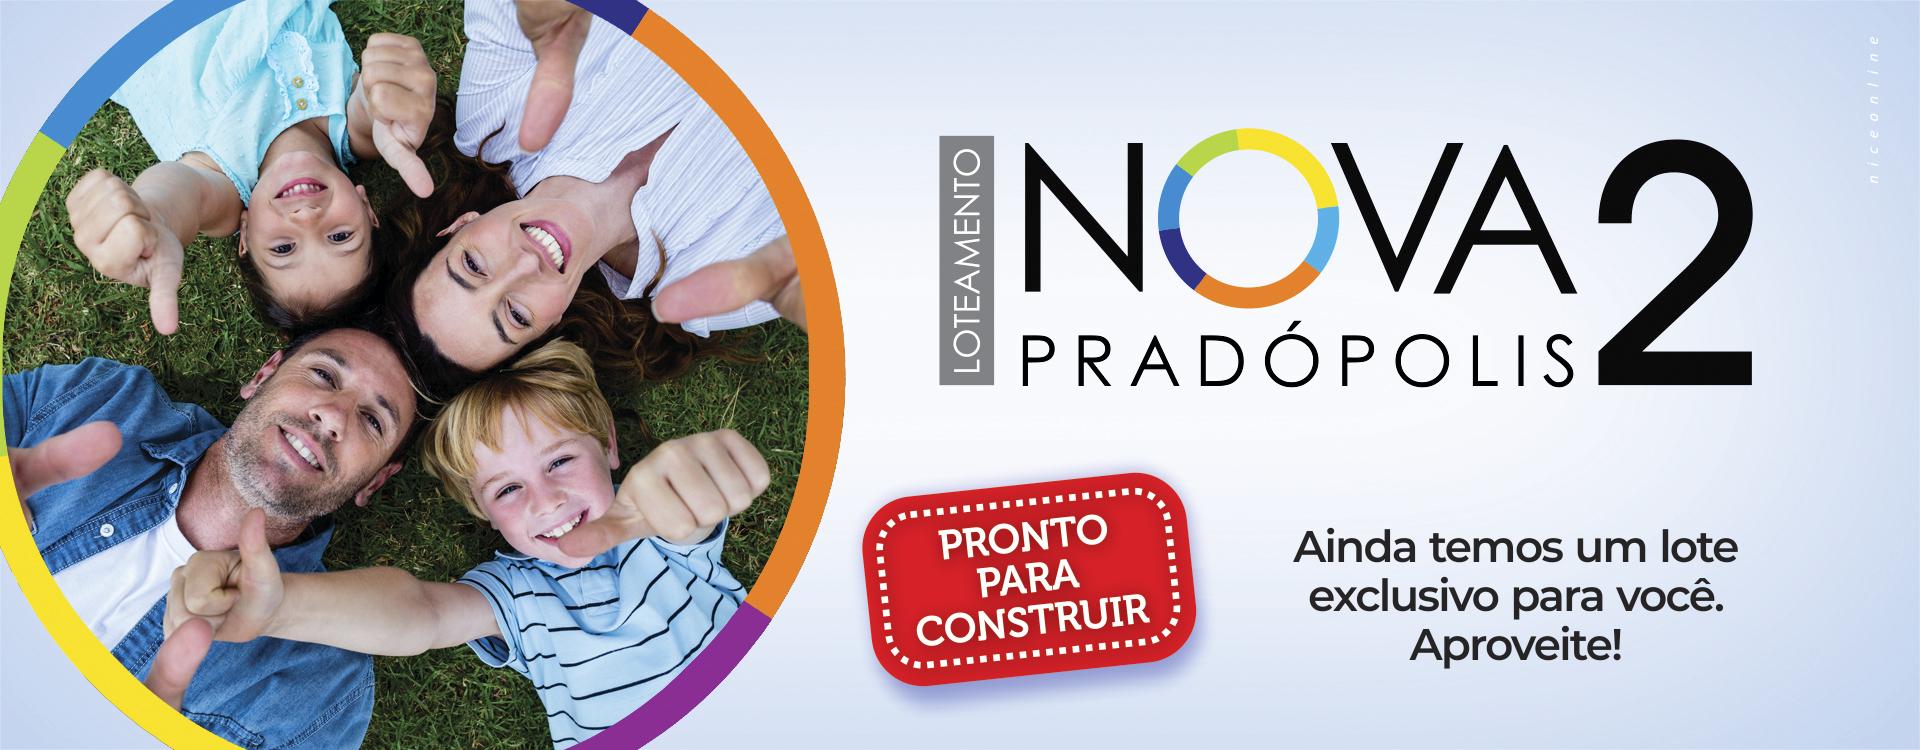 Pradopolis II 2019